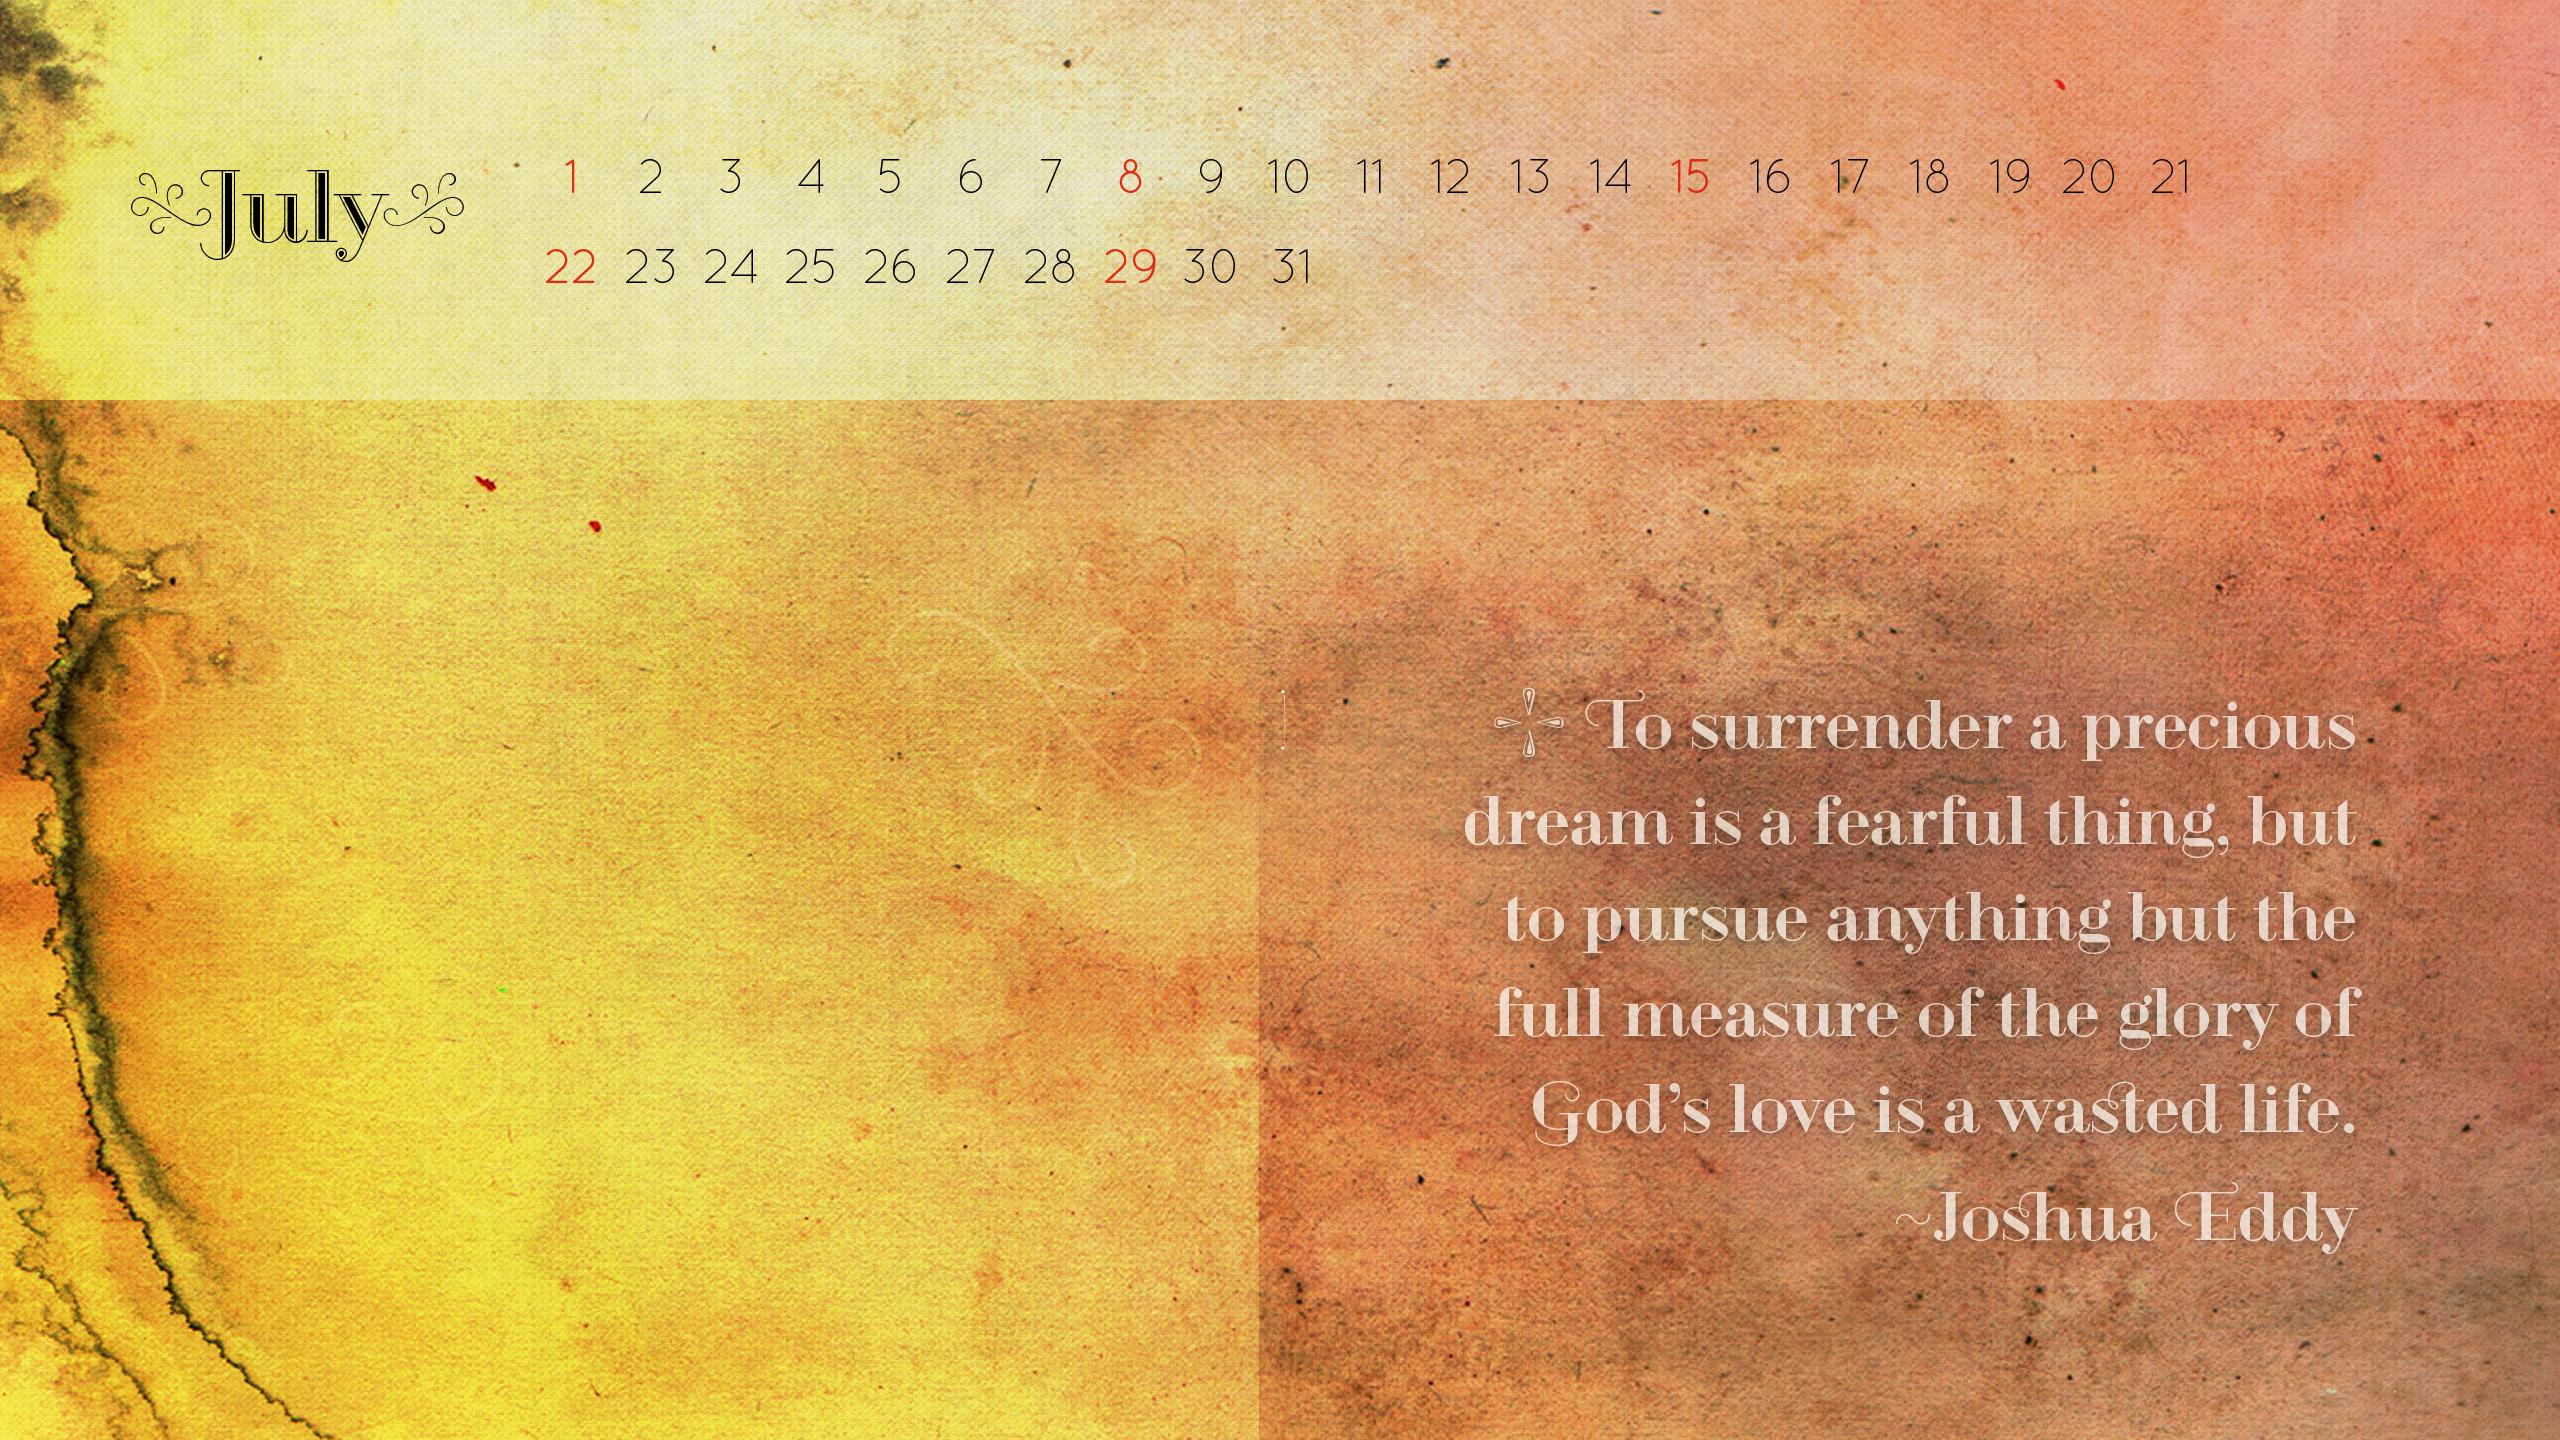 Desktop Wallpaper Calendars July 2012 2560x1440